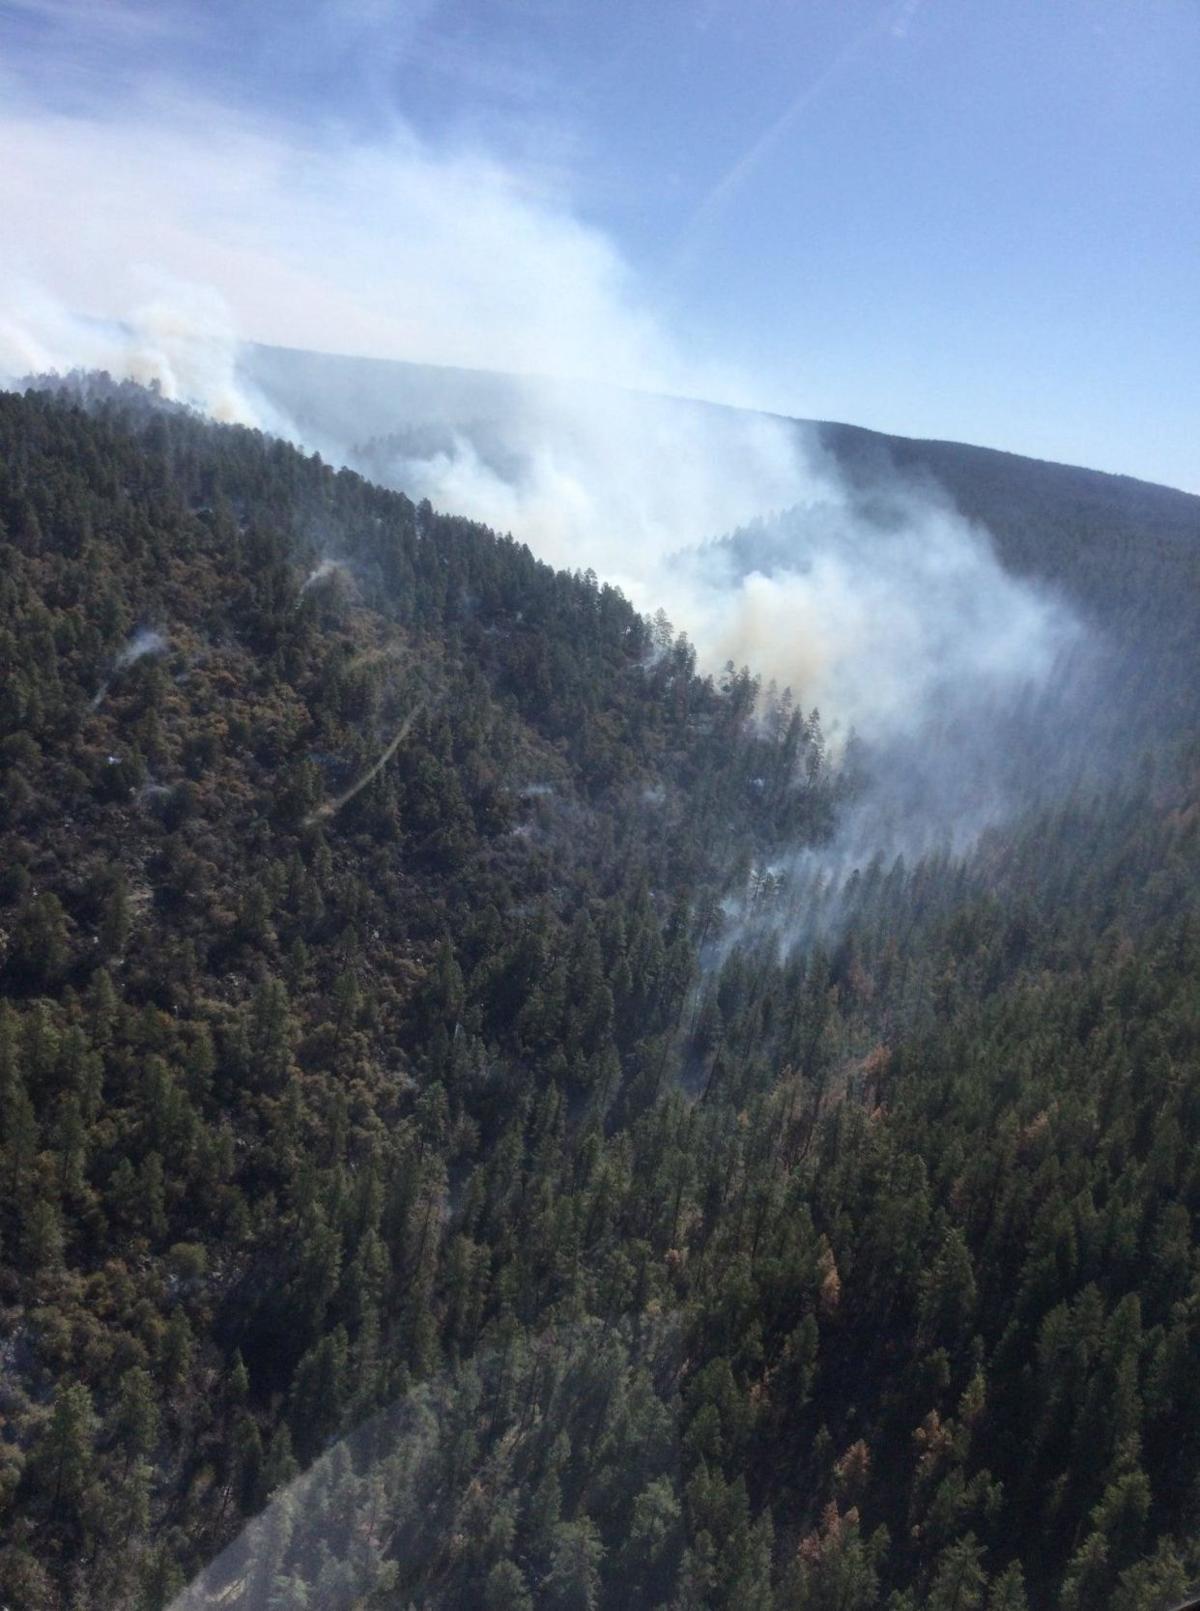 Bonito Creek Fire